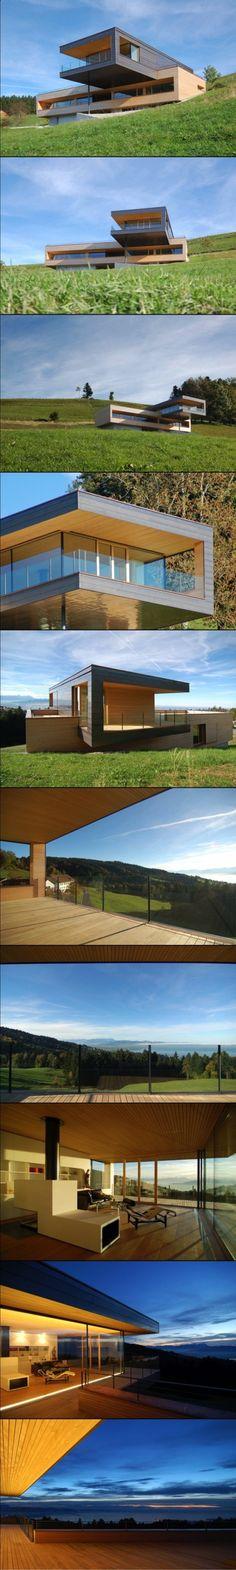 Ponciano (pgarfias69) on Pinterest - echangeur air air maison